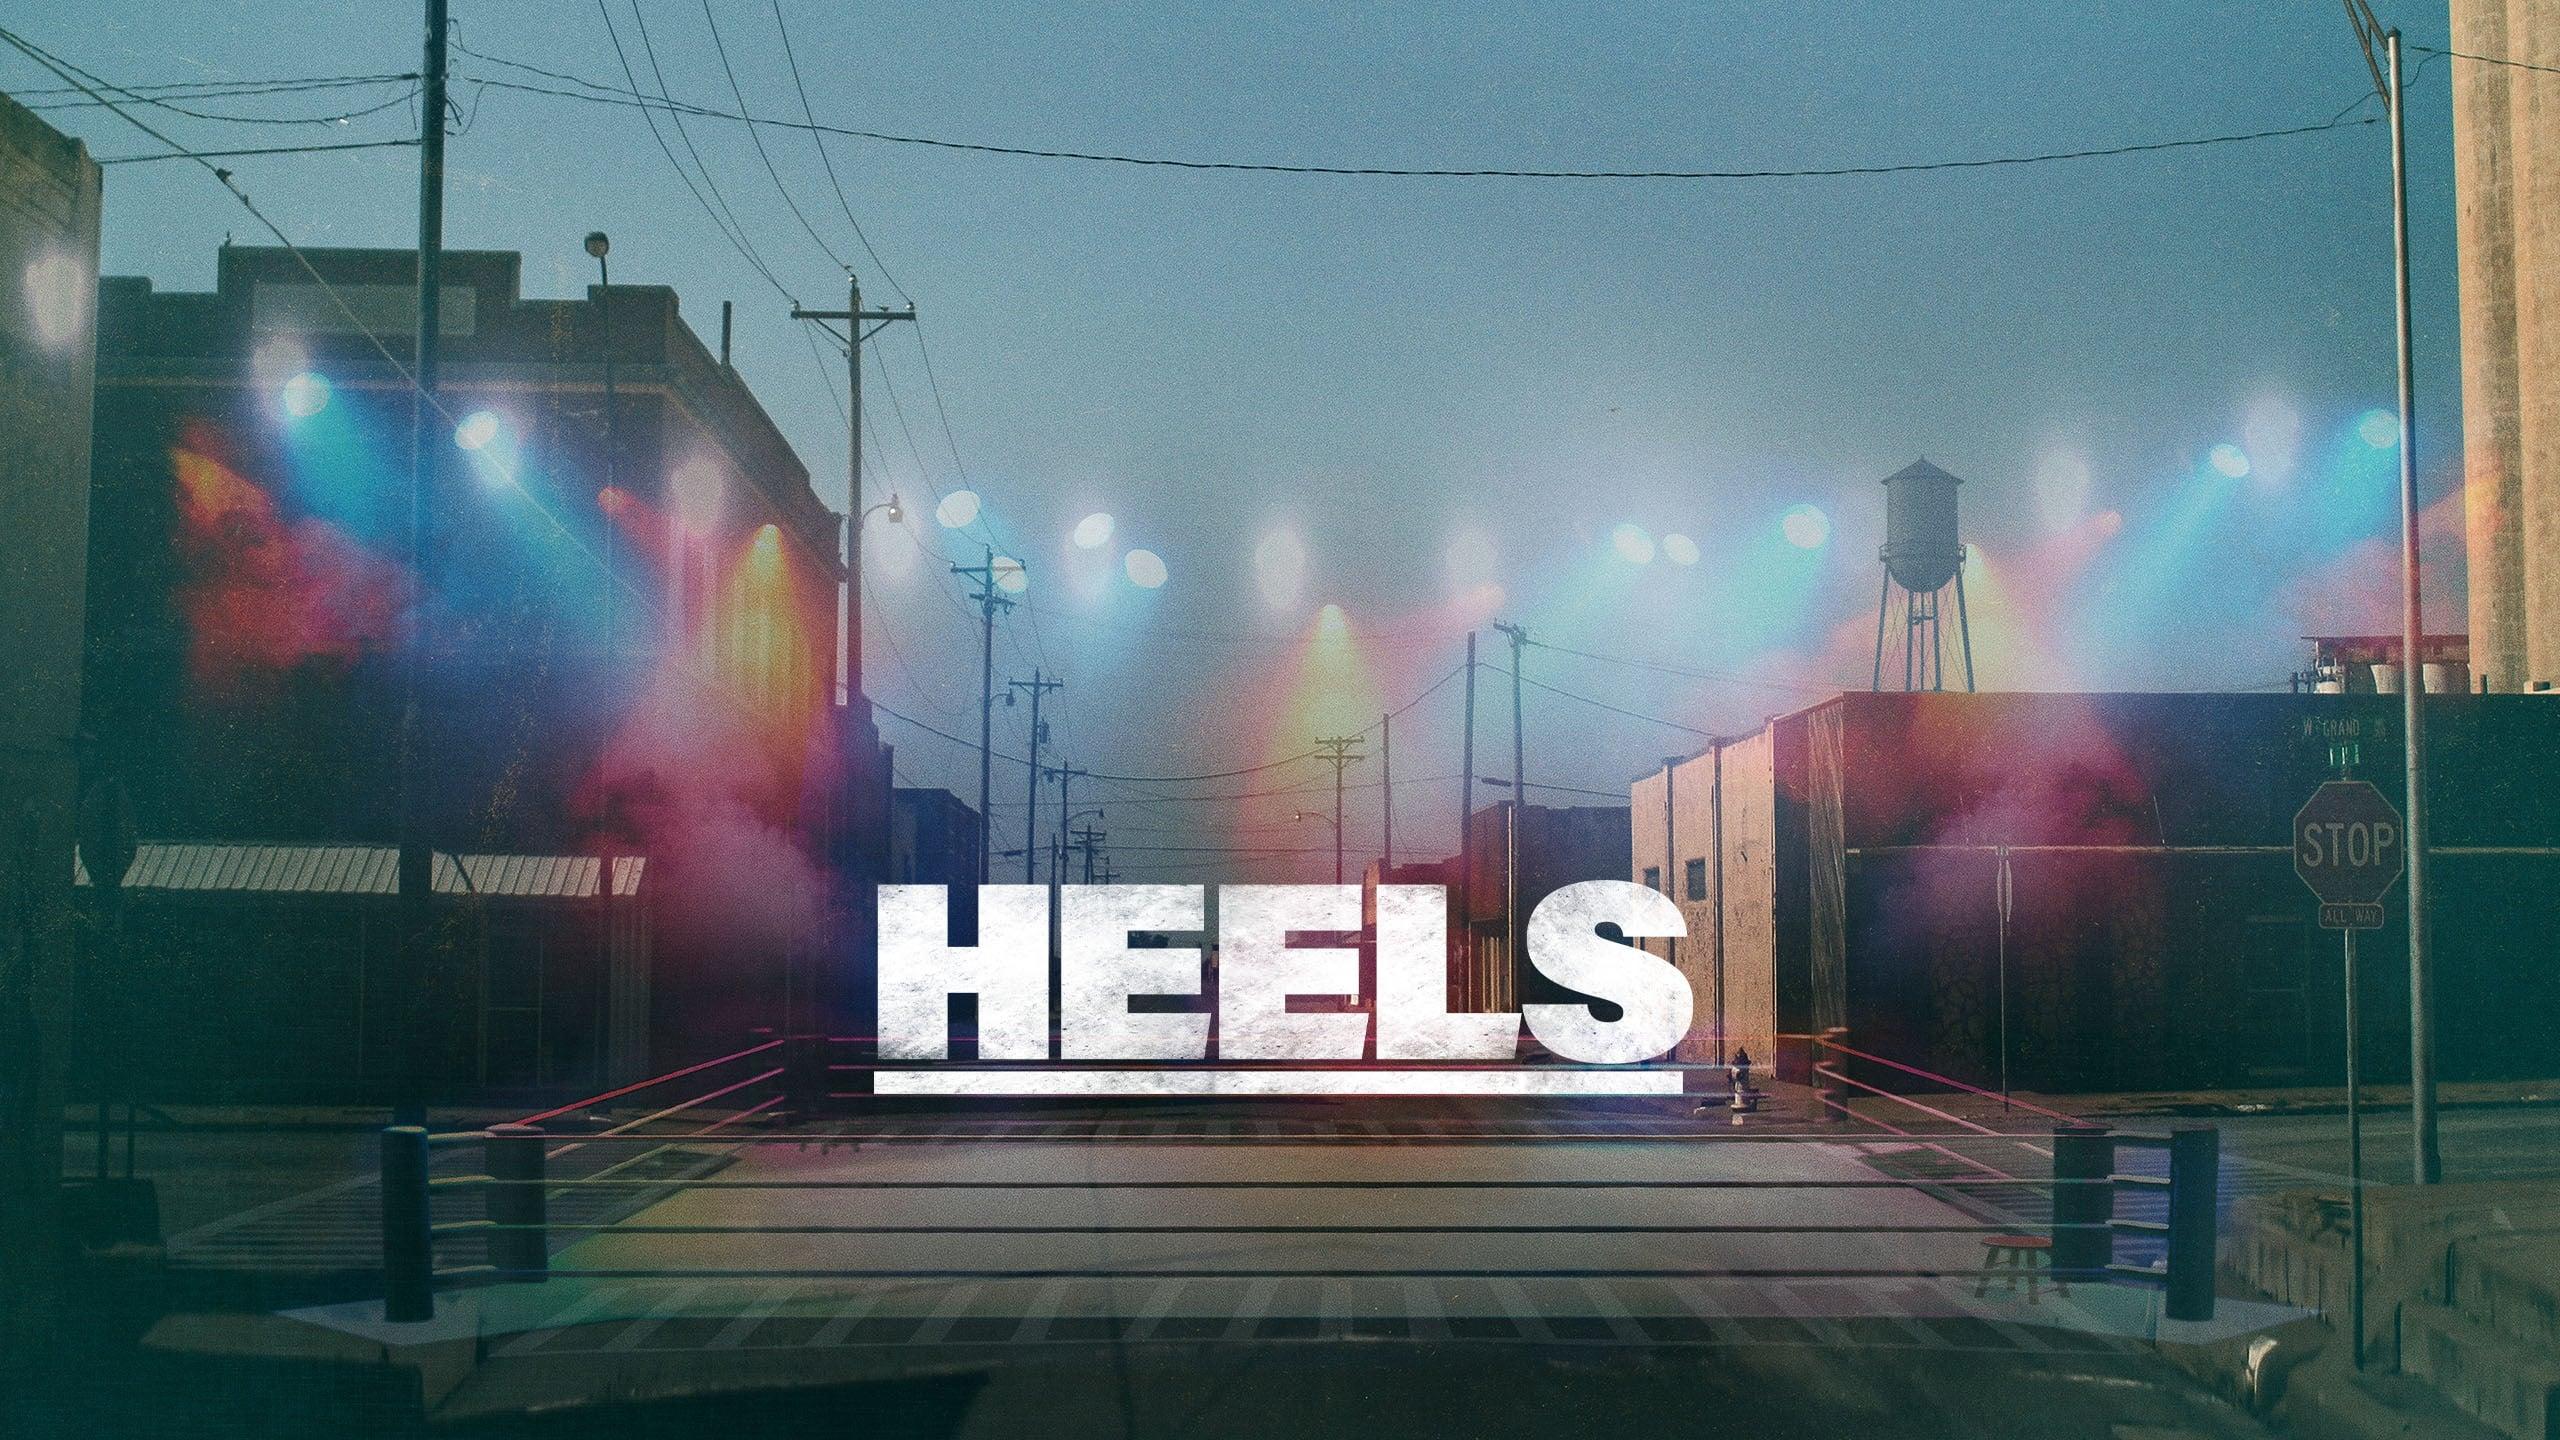 Heels Season 1 Episode 5